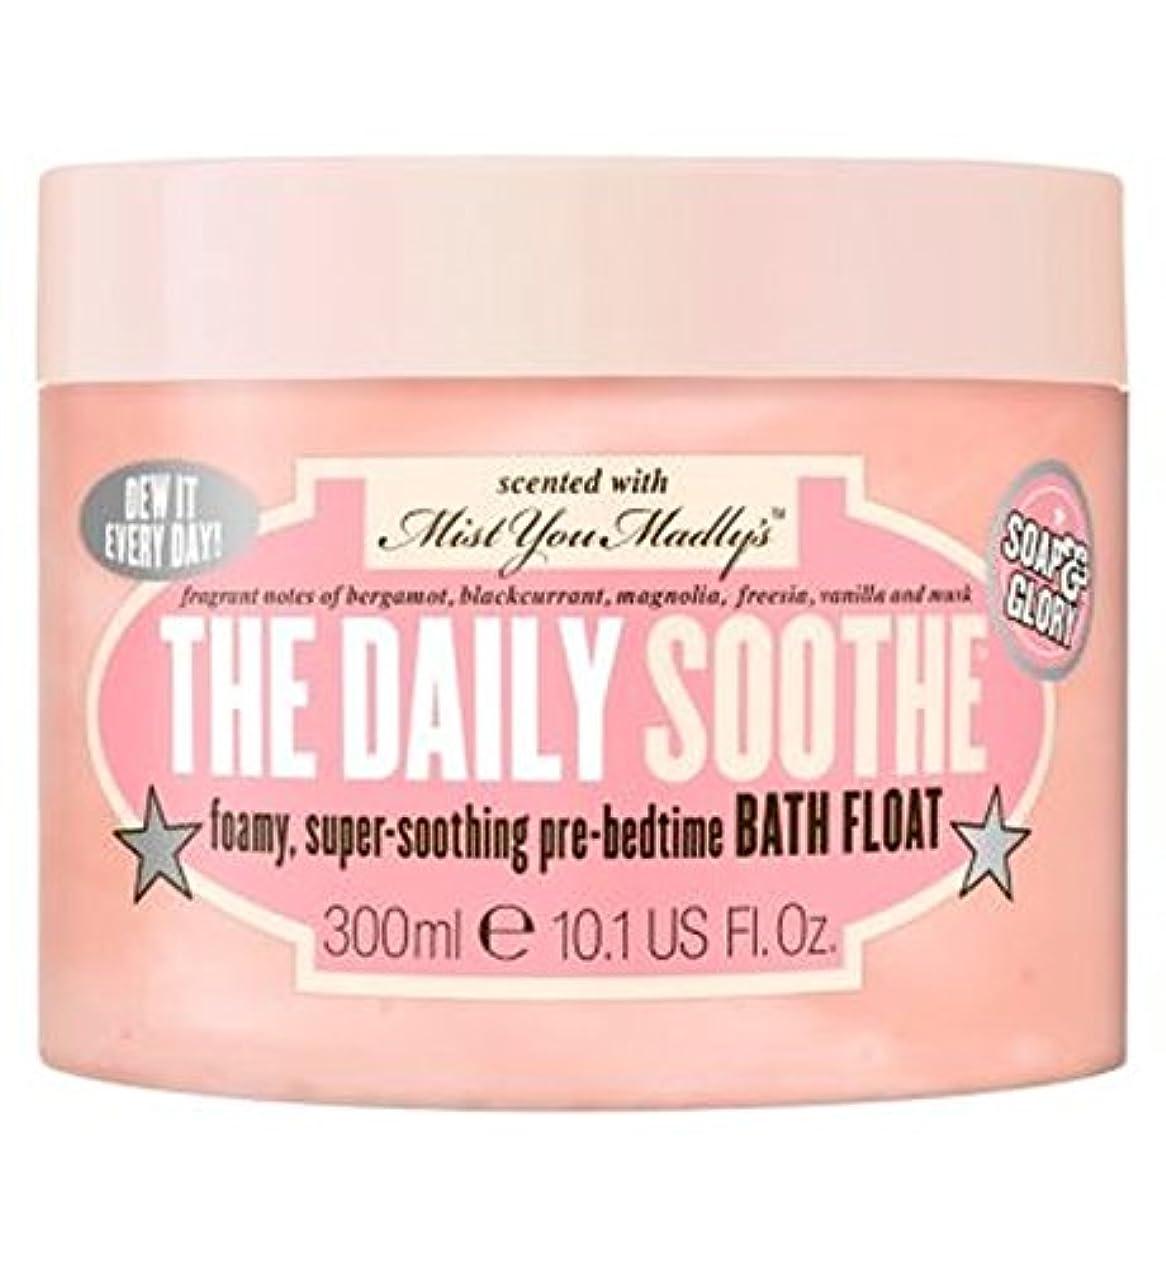 痴漢洗剤倫理Soap & Glory The Daily Soothe Bath Float - 石鹸&栄光毎日癒すバスフロート (Soap & Glory) [並行輸入品]